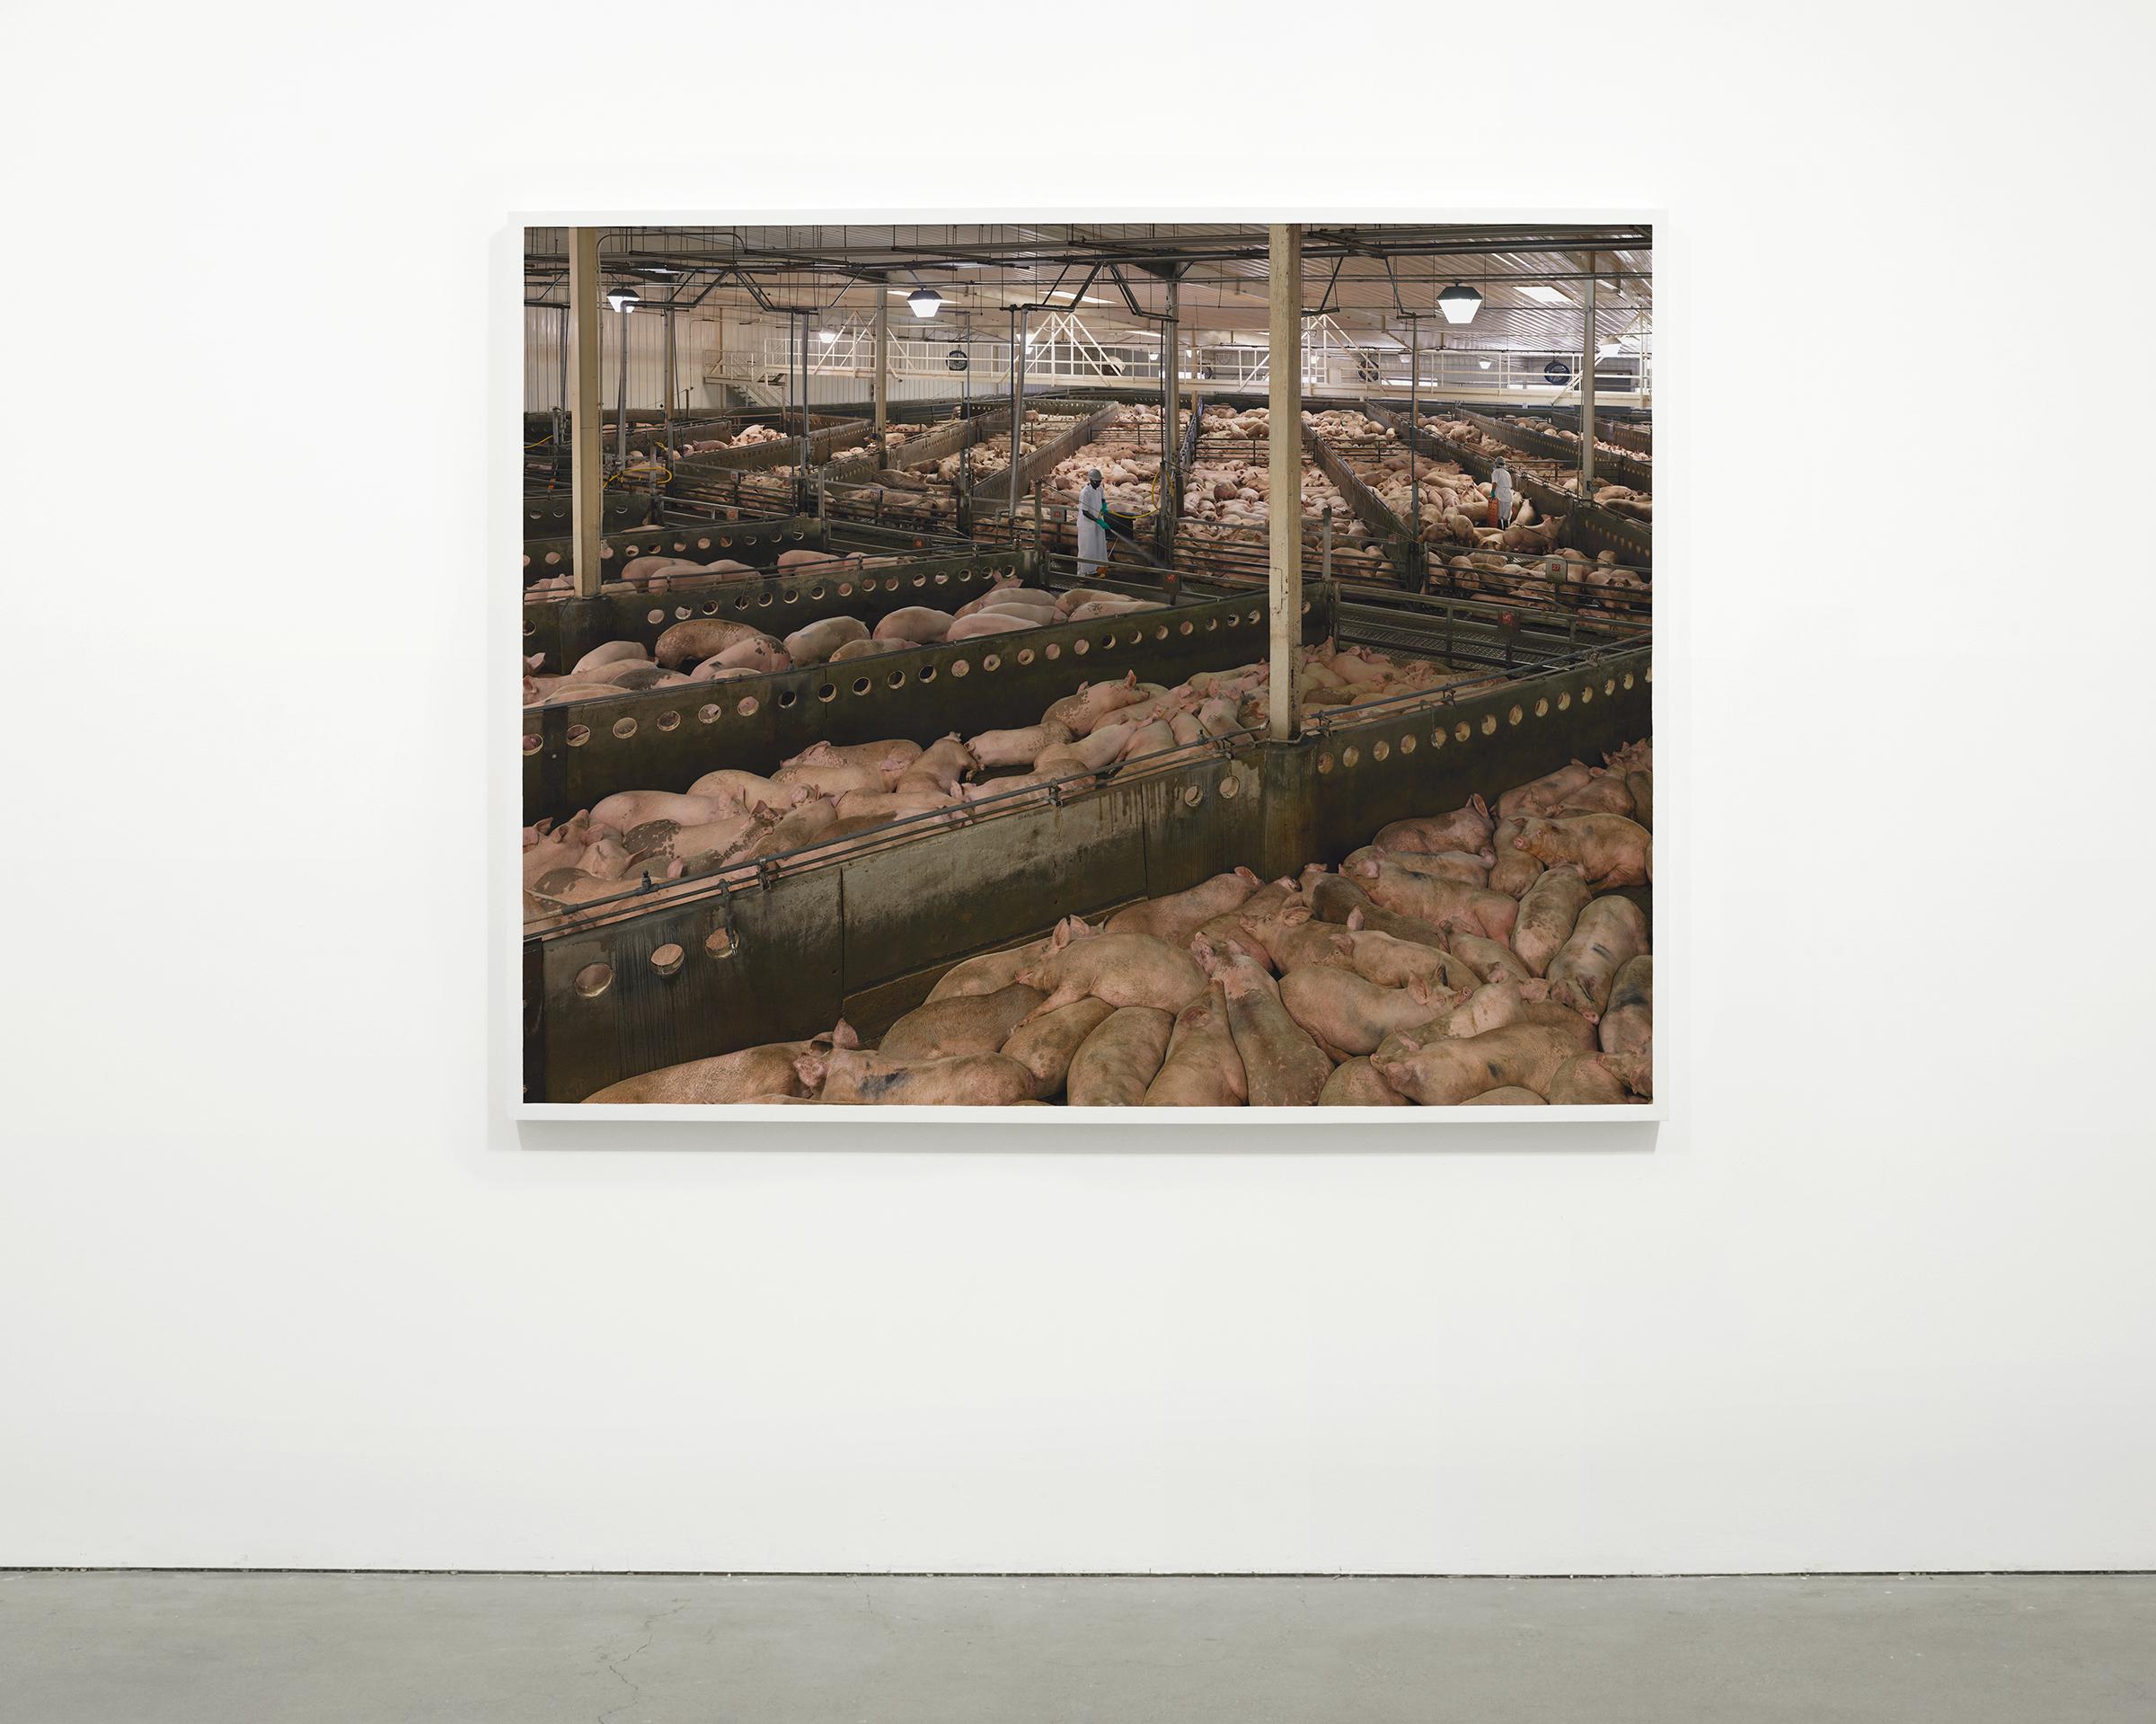 """""""Stockyard"""", 2013 - 2015  54 x 68.25 in (137.15 x 173.35 cm)"""